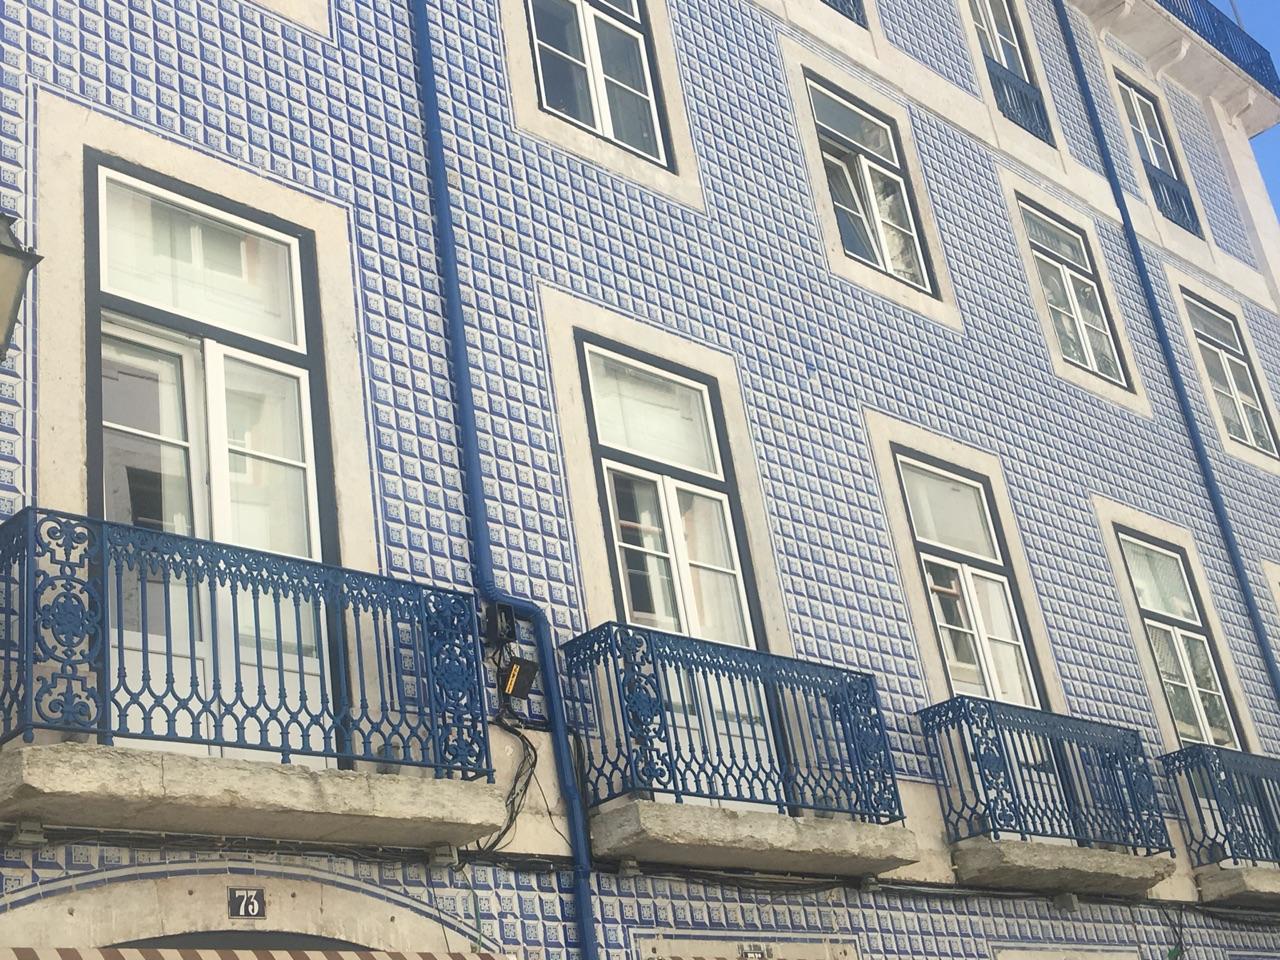 Tiled facade, Lisbon